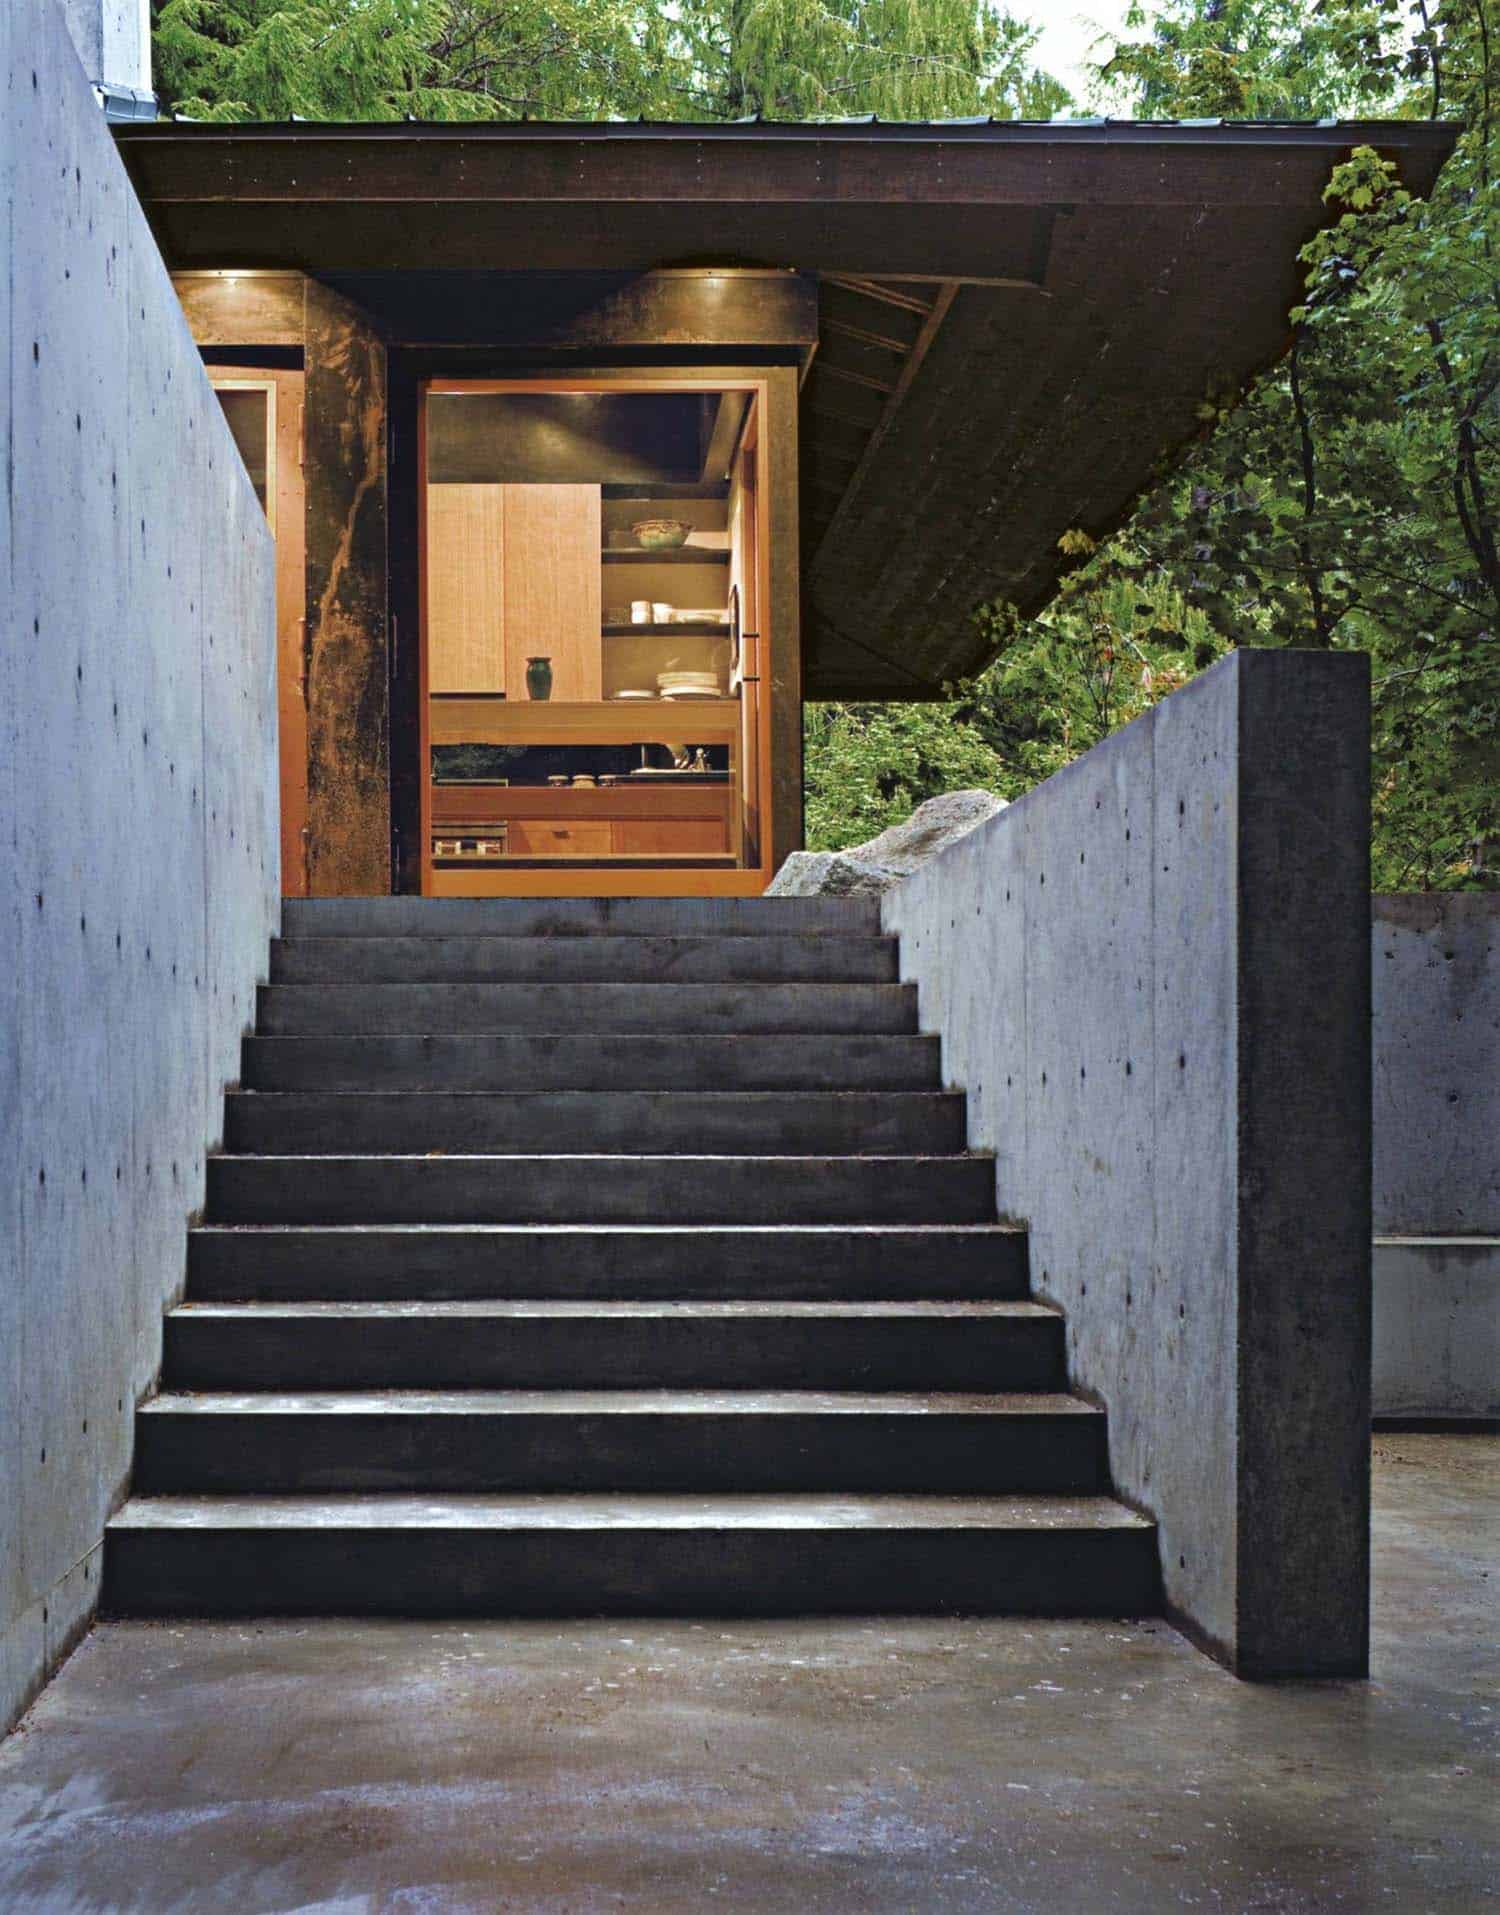 compact-modern-cabin-exterior-staircase